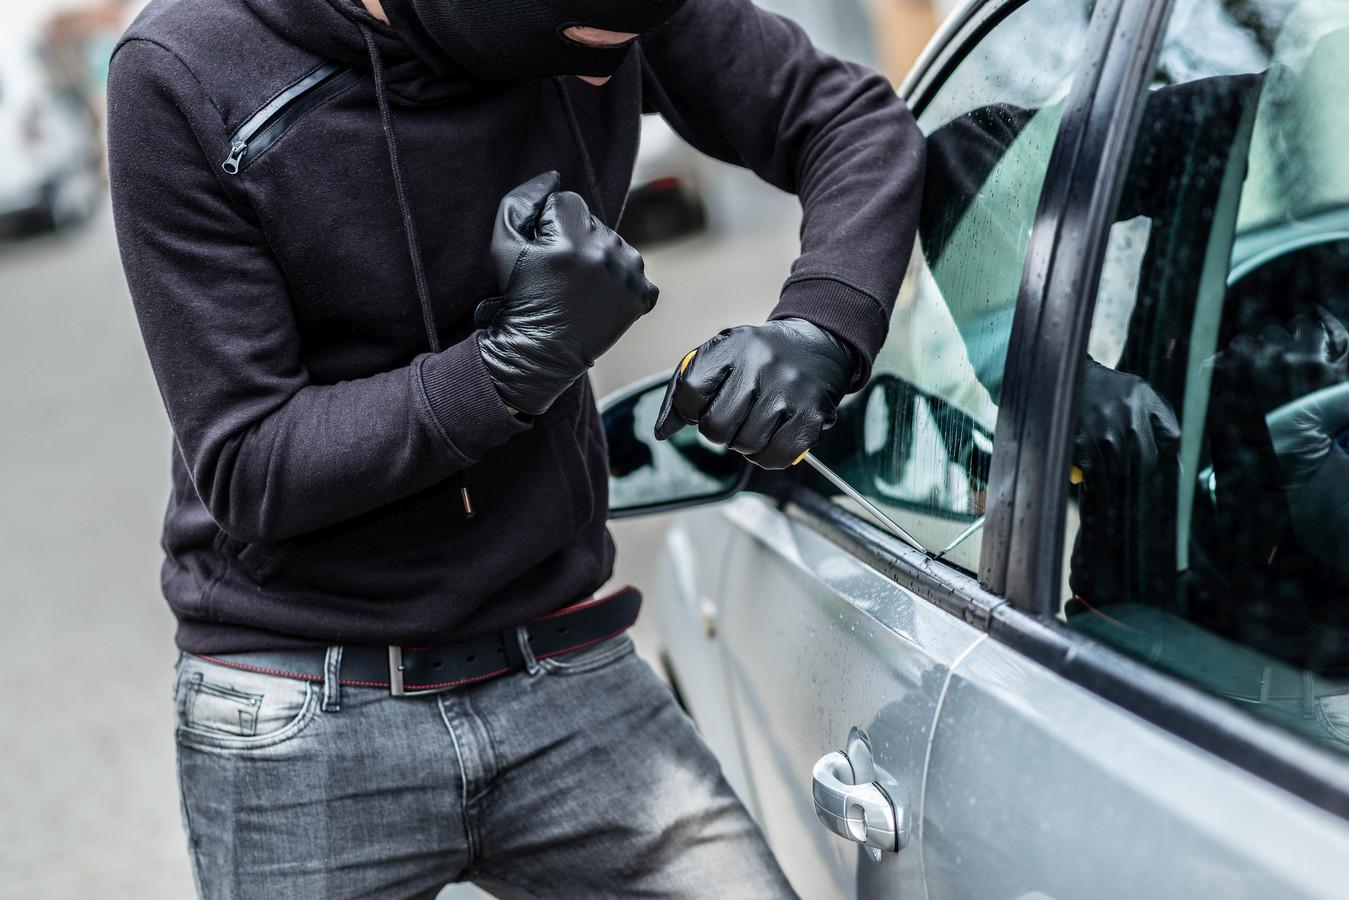 Een inbreker probeert een auto open te maken. (foto ter illustratie)